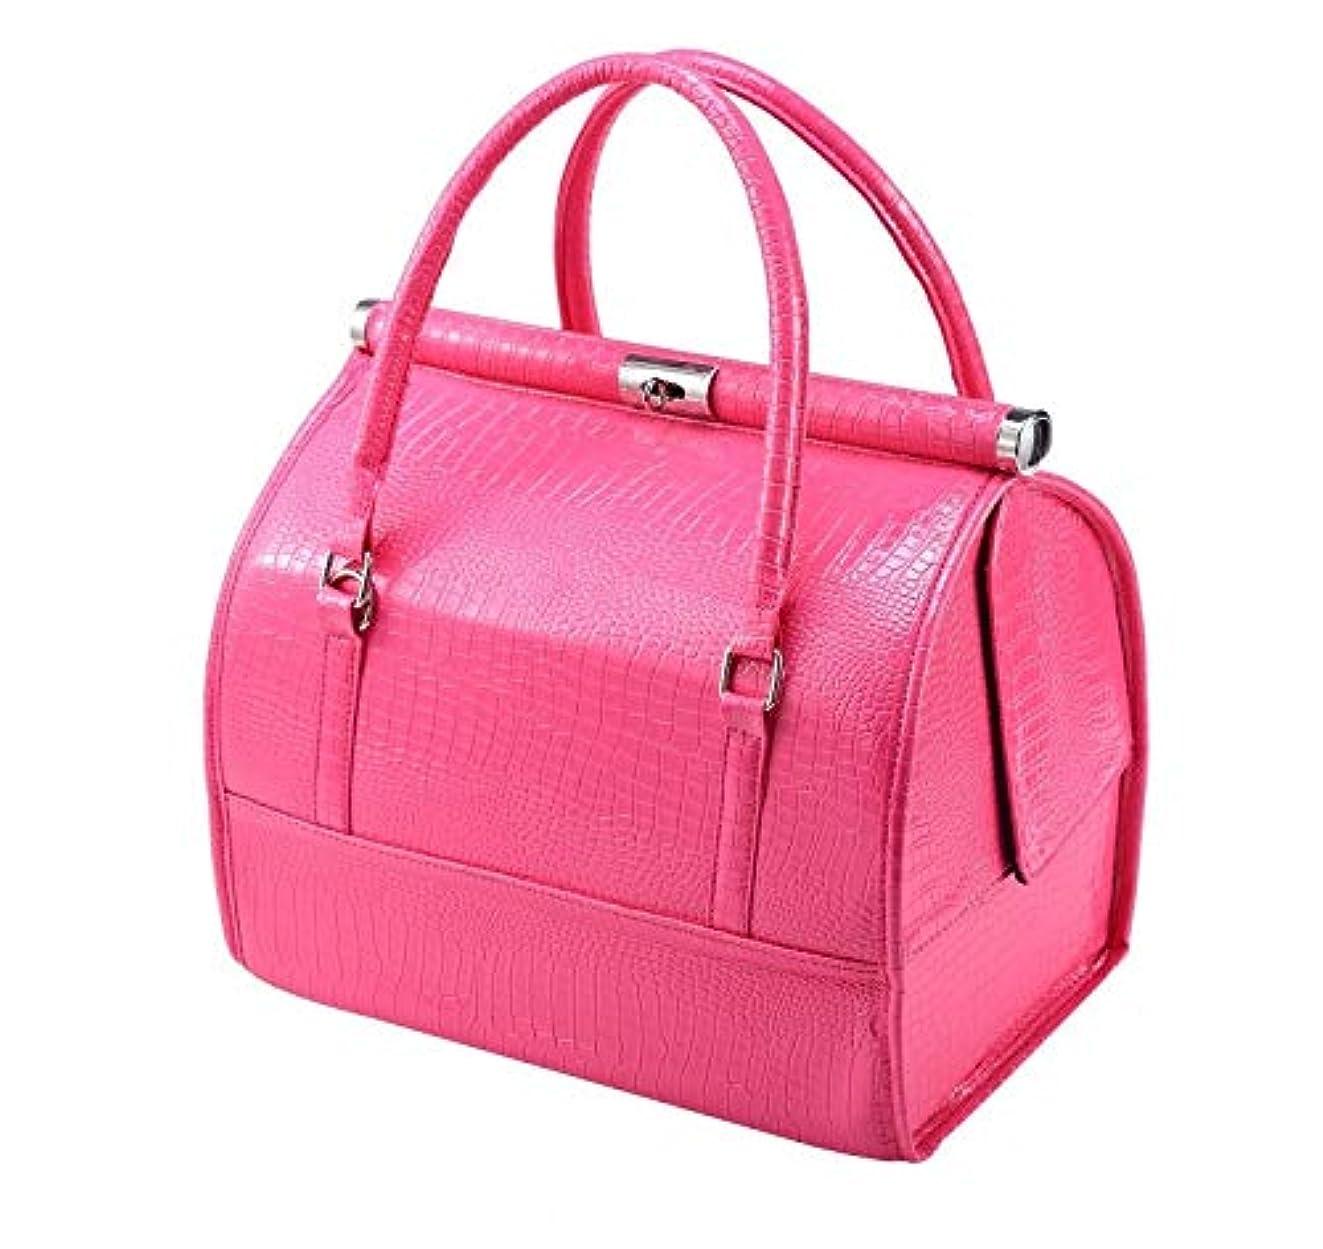 生放散するキュービック化粧箱、大容量の対角および携帯用化粧品の箱、携帯用旅行化粧品袋、美の釘の宝石類の収納箱 (Color : ピンク)